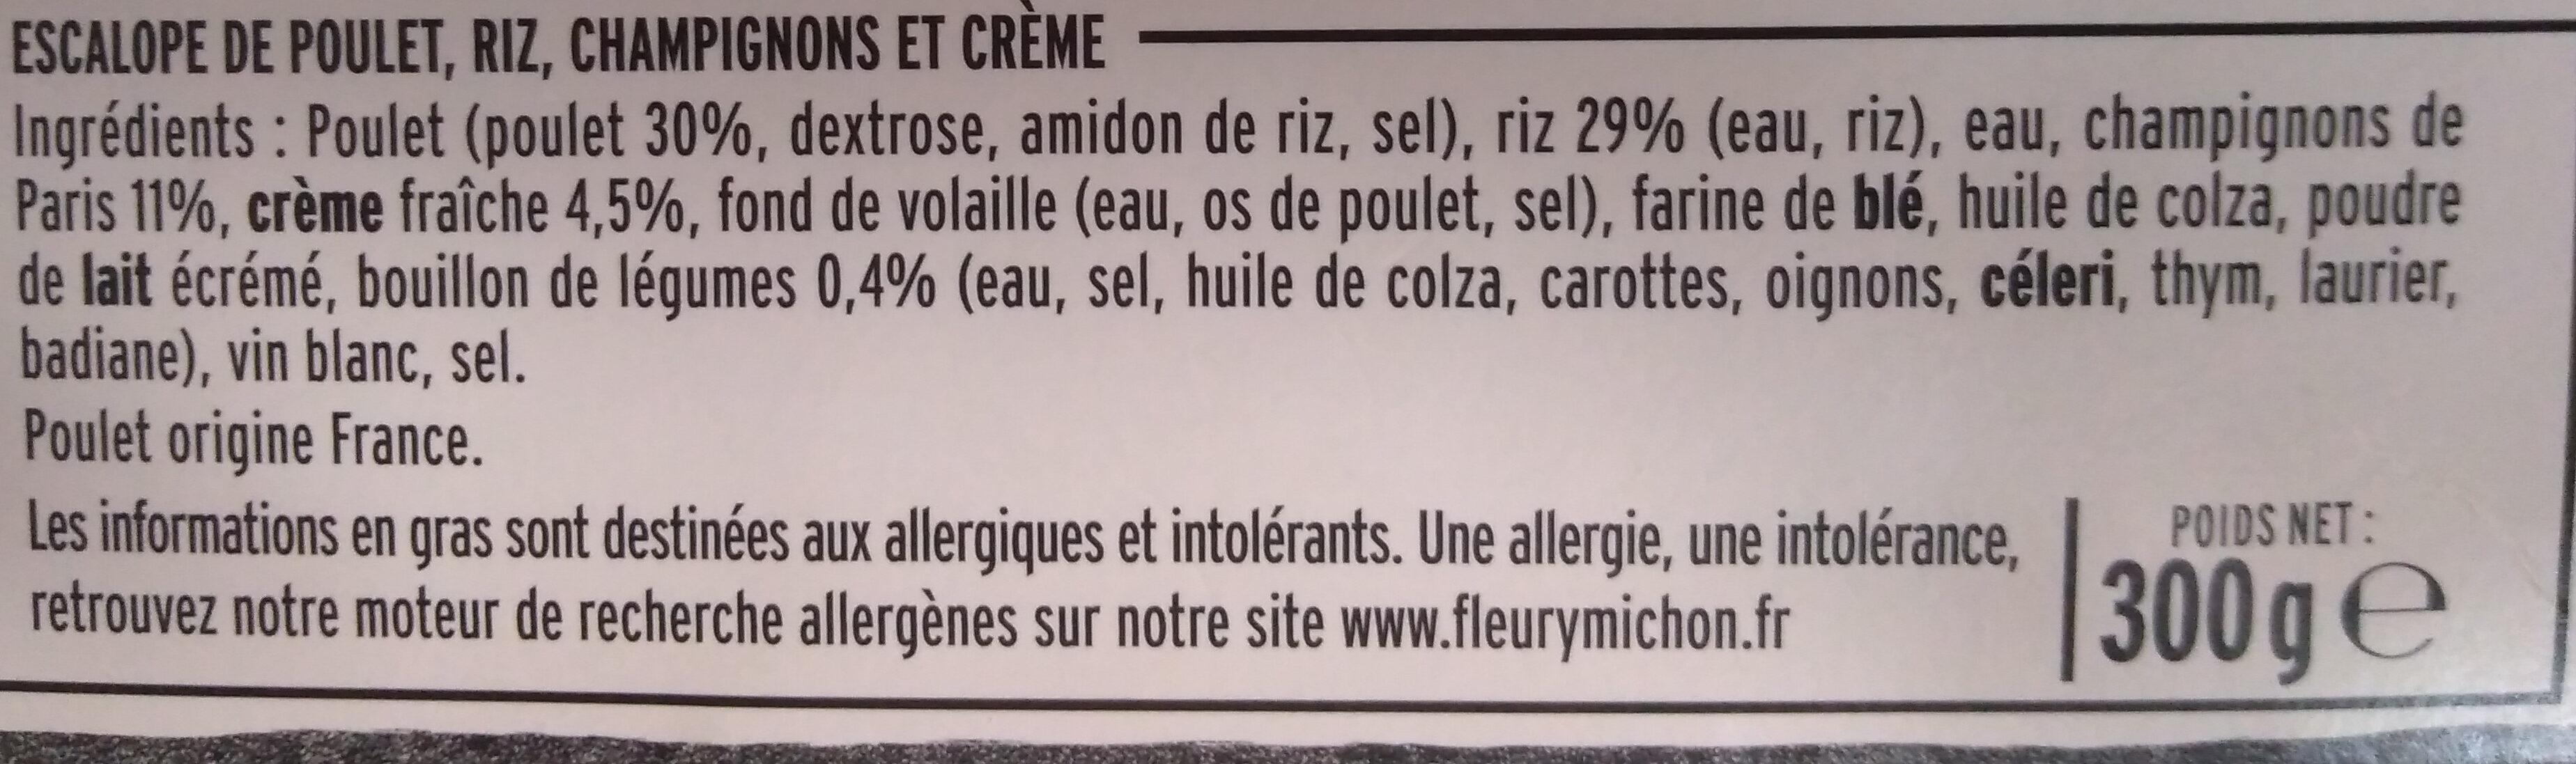 Escalope de Poulet à la Crème, Champignons et Riz - Ingredients